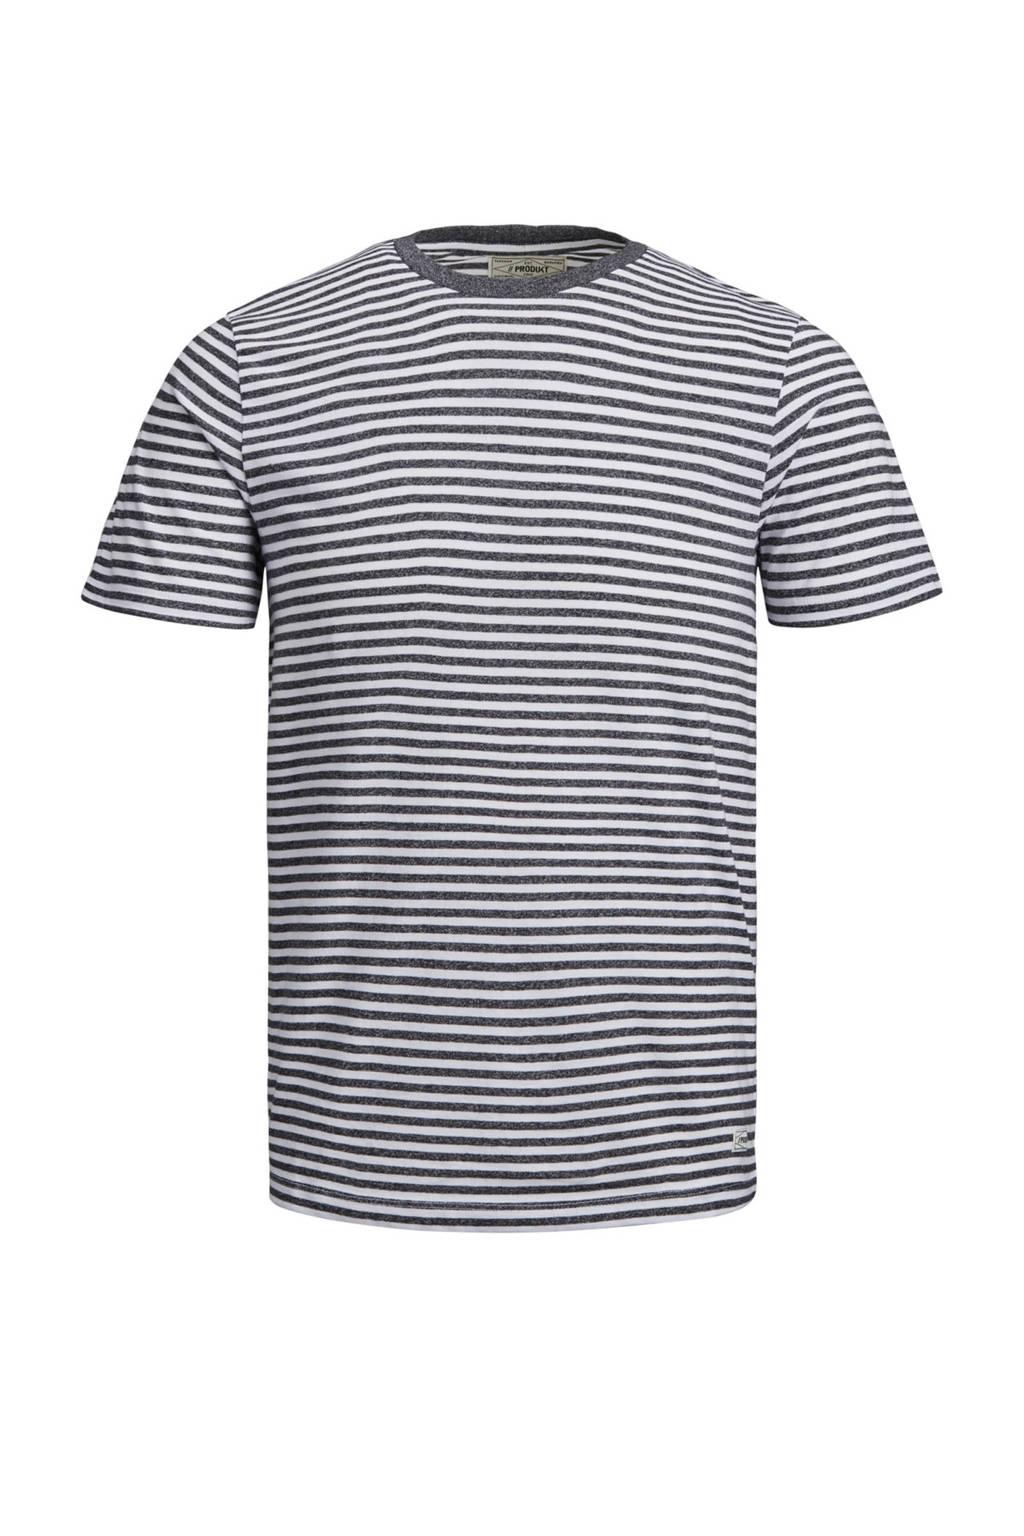 PRODUKT T-shirt met streep, Grijs/wit